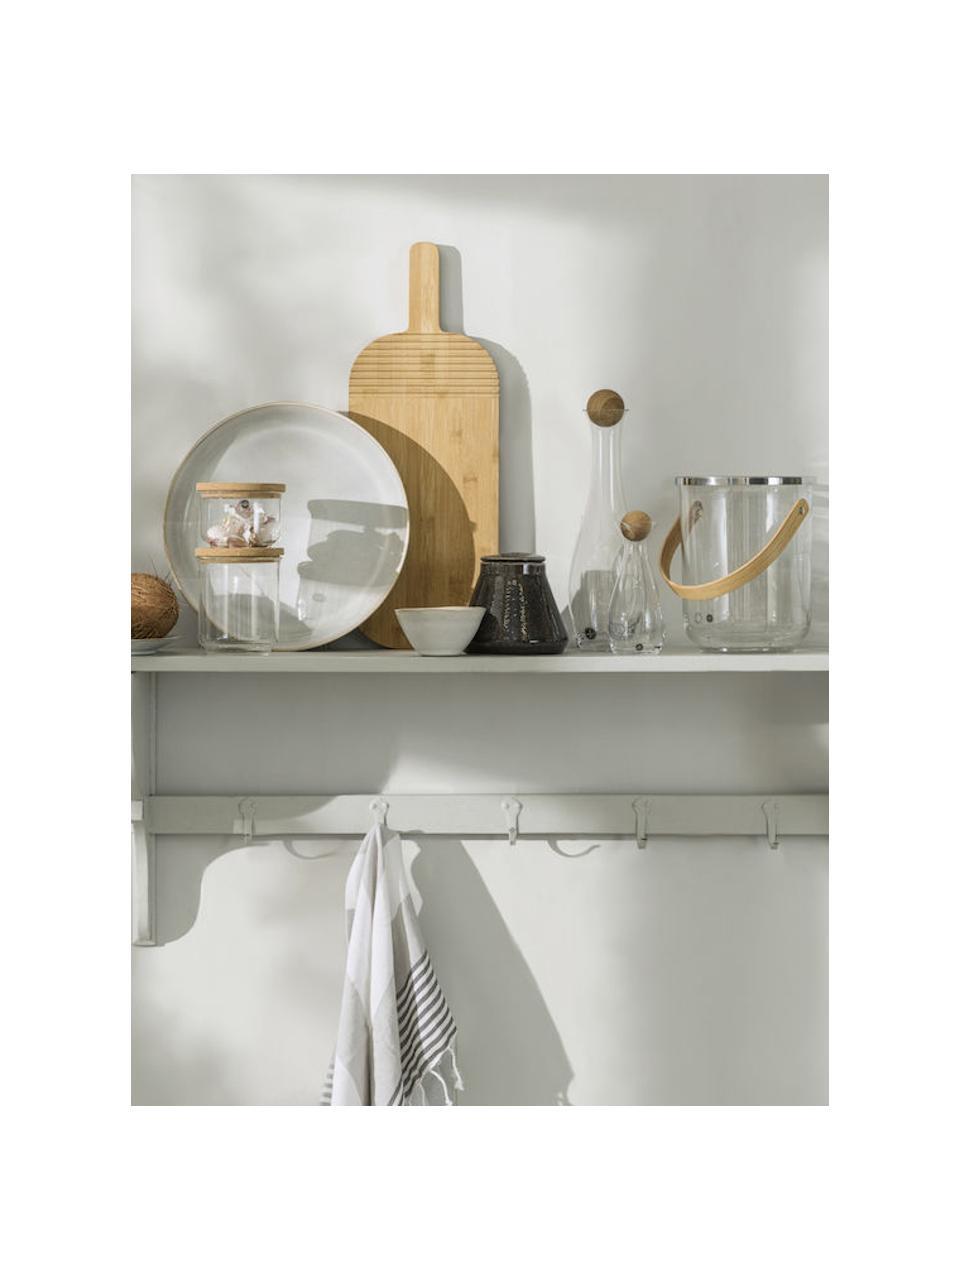 Karafka ze szkła dmuchanego z drewnianą pokrywką Eden, 1 l, Transparentny, drewno dębowe, W 35 cm